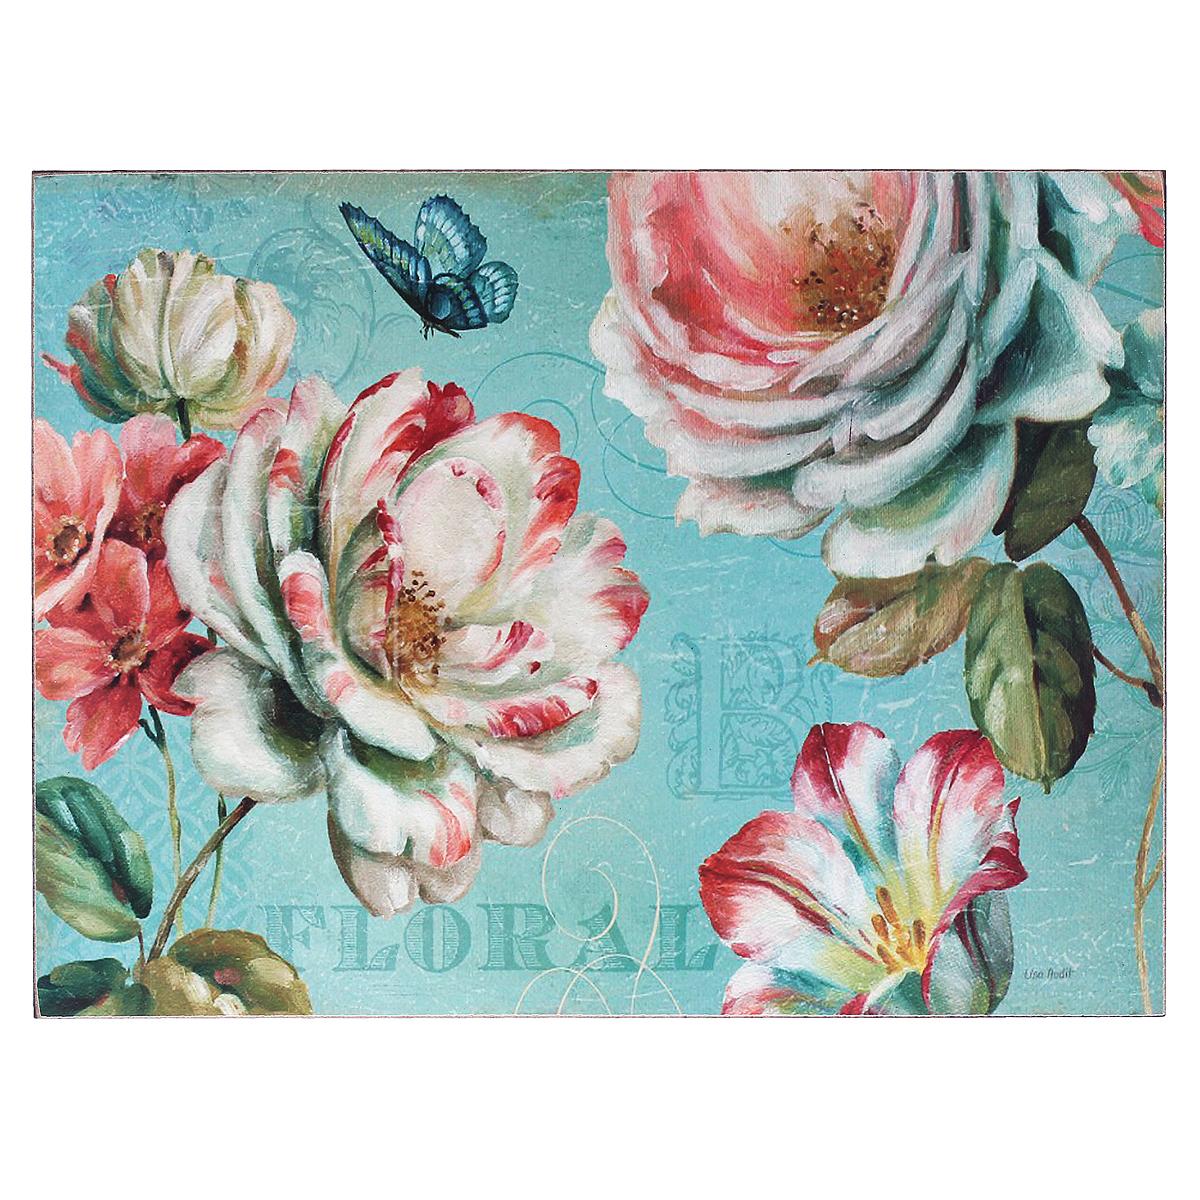 Картина-репродукция Цветы, без рамки, 30 см х 40 см. 3601236012Картина-репродукция Цветы, выполненная из МДФ масляной печатью с ручной подрисовкой, дополнит интерьер любого помещения, а также может стать изысканным подарком для ваших друзей и близких. На картине изображены цветы и бабочка. Благодаря оригинальному дизайну картина может использоваться для оформления любых интерьеров: гостиной, спальни, кухни, прихожей, детской или офиса. Изделие оснащено двумя отверстиями сзади для подвешивания на стену. Такая картина - вдохновляющее декоративное решение, привносящее в интерьер нотки творчества и изысканности!